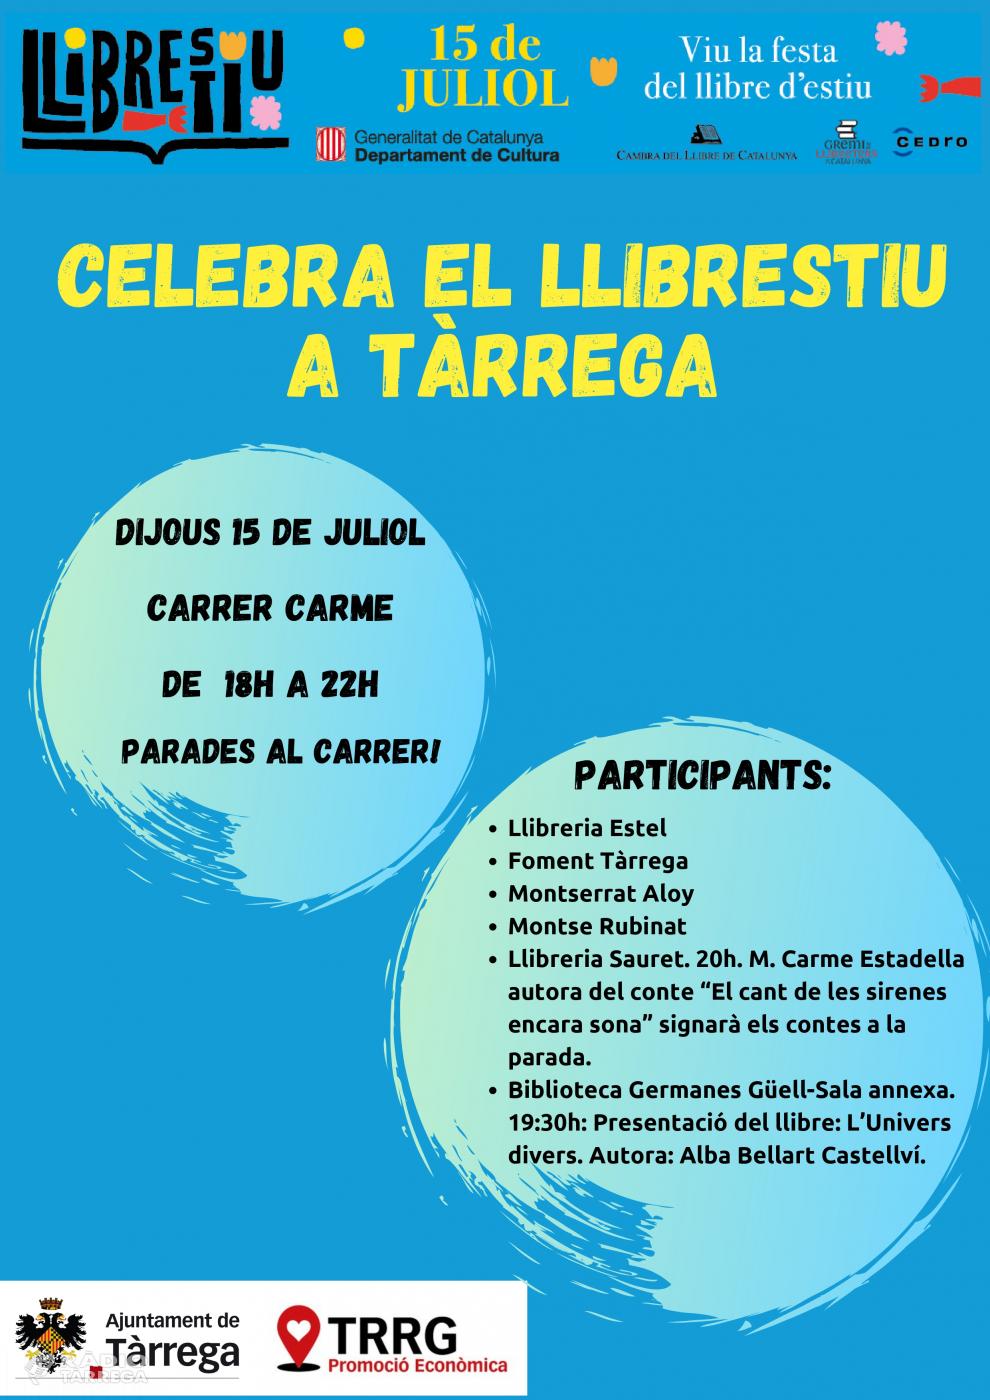 Tàrrega celebra la nova festa Llibrestiu el dijous 15 de juliol al carrer del Carme